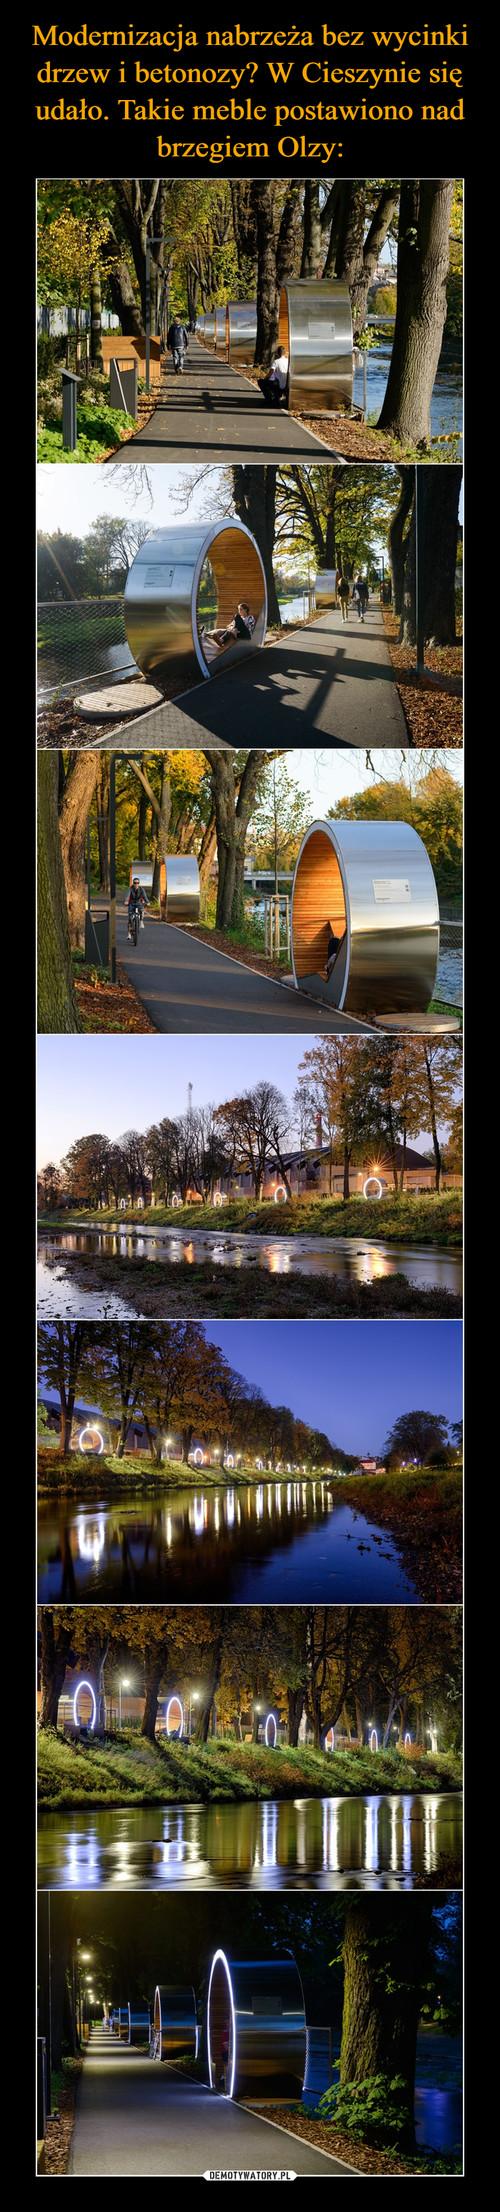 Modernizacja nabrzeża bez wycinki drzew i betonozy? W Cieszynie się udało. Takie meble postawiono nad brzegiem Olzy: